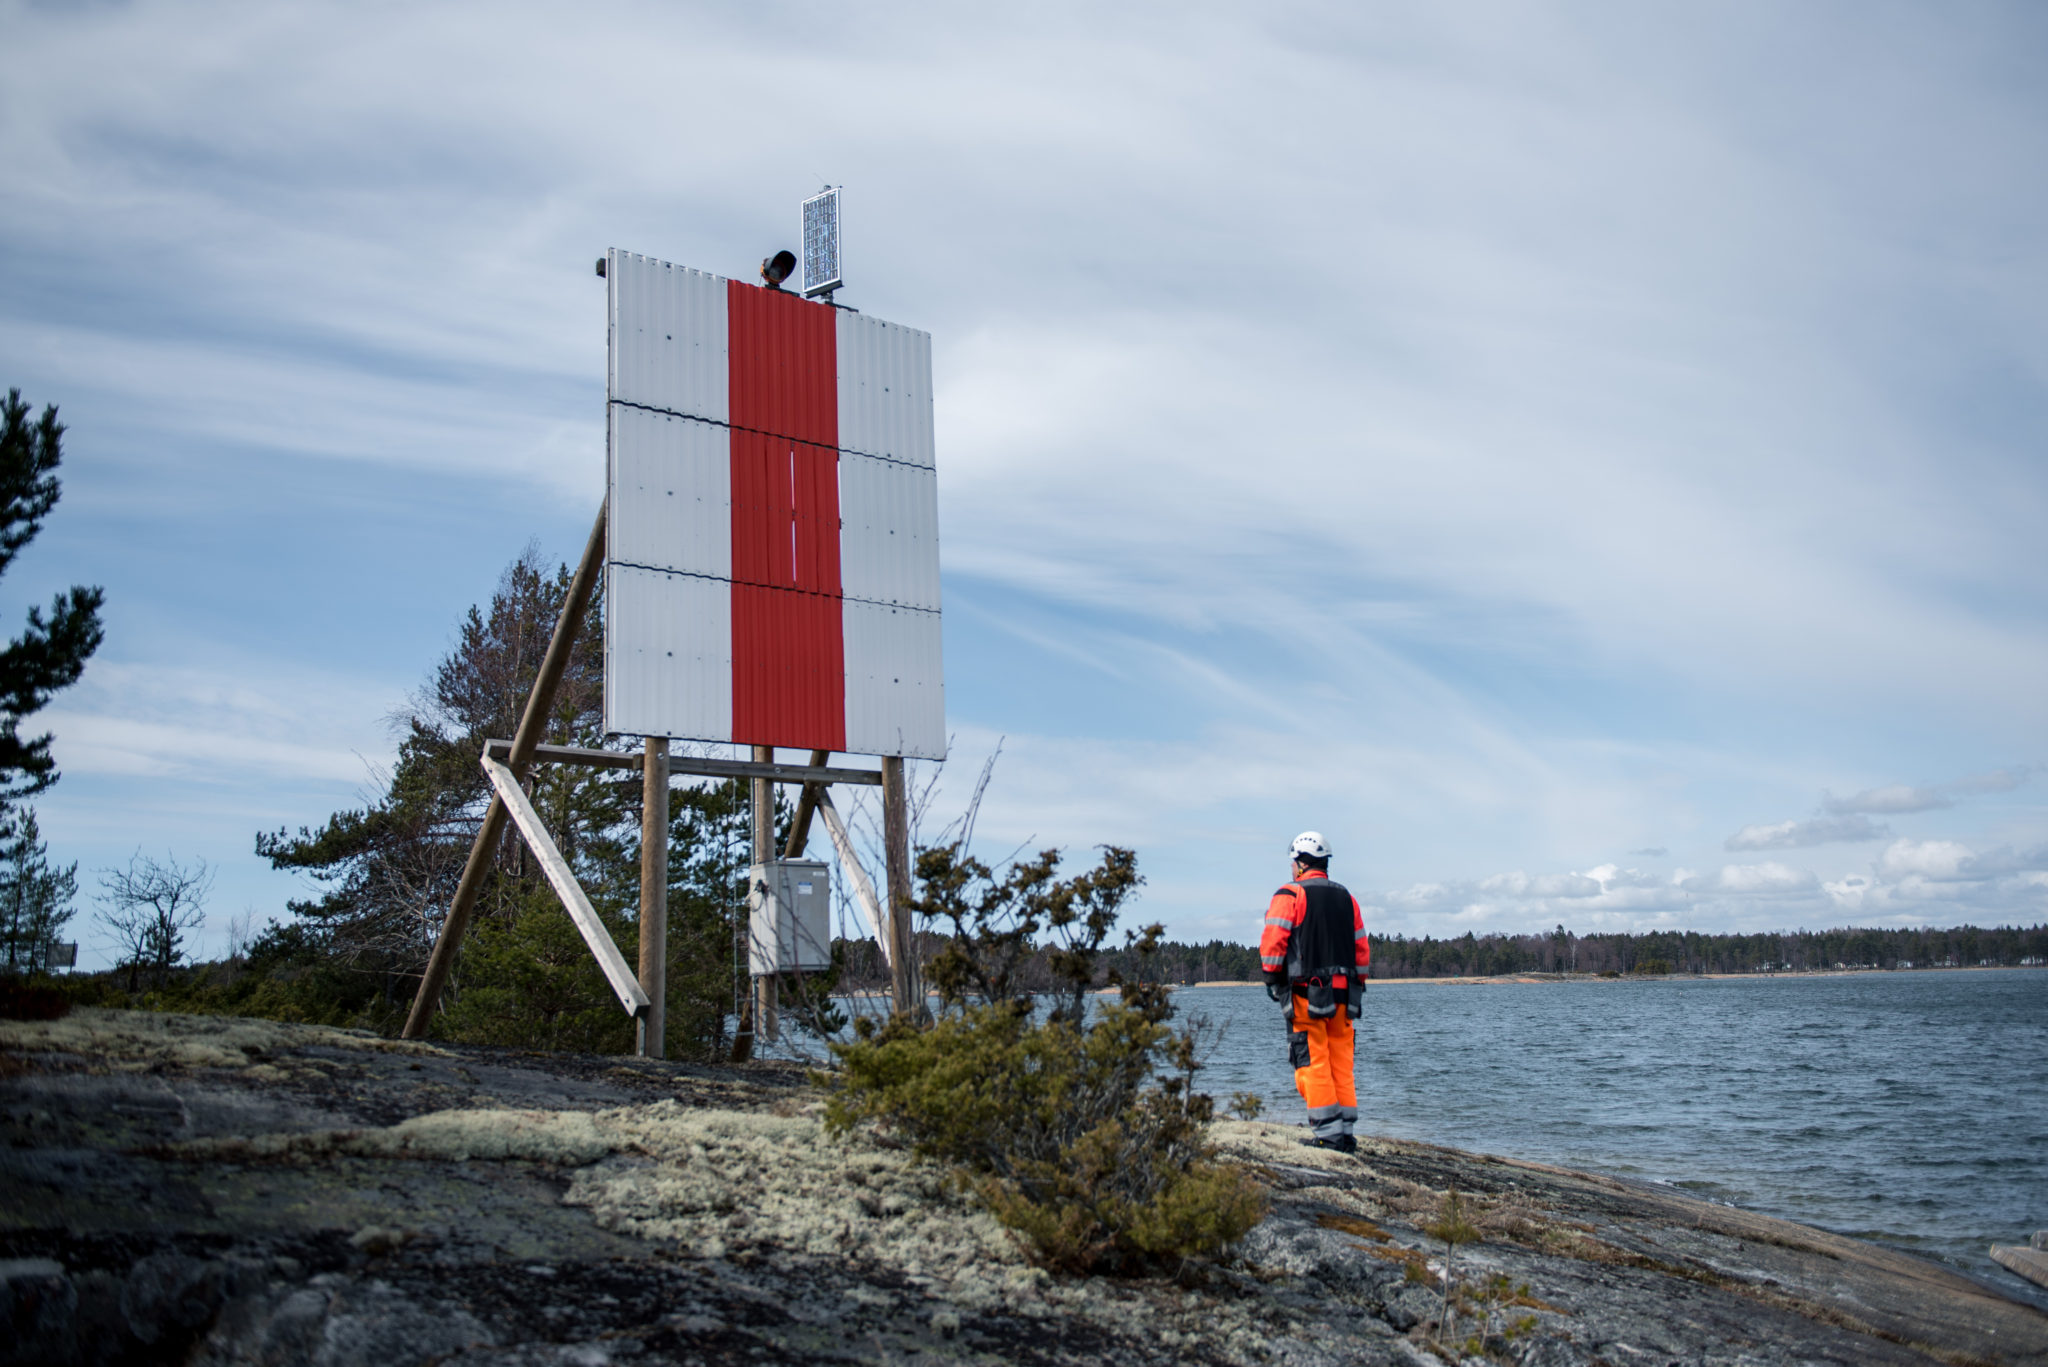 Waterways maintenance in Finland